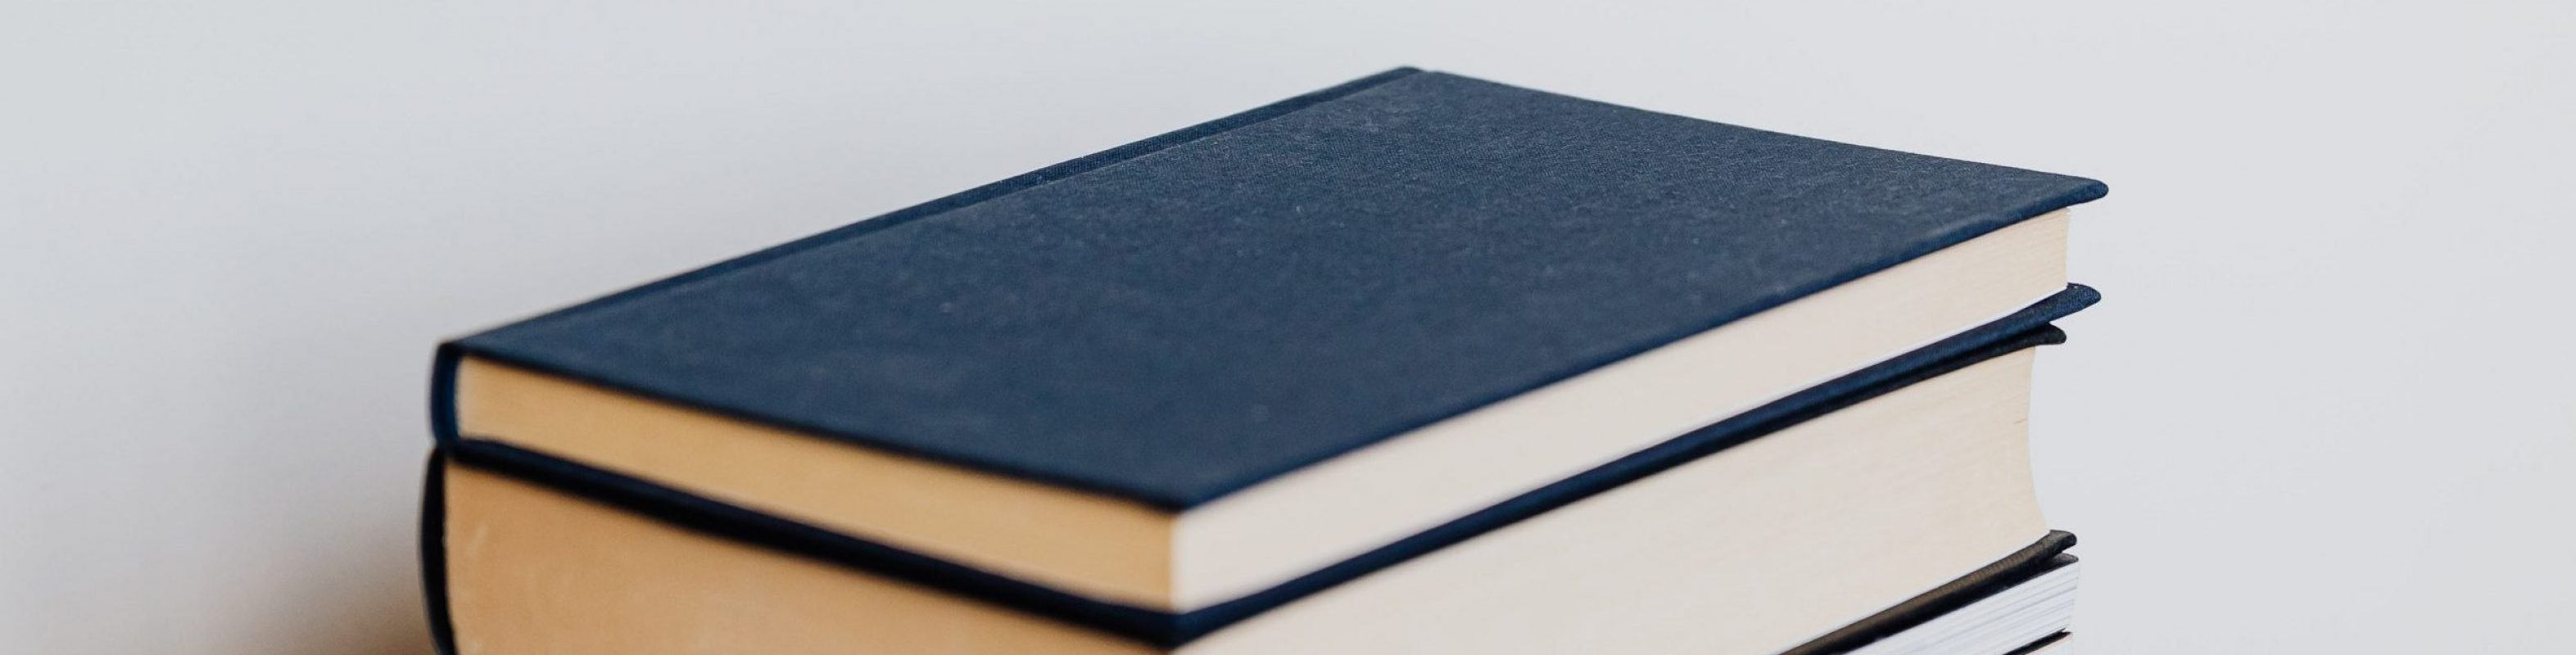 Publicaties - leesvoer de Bel & Co Psychologen